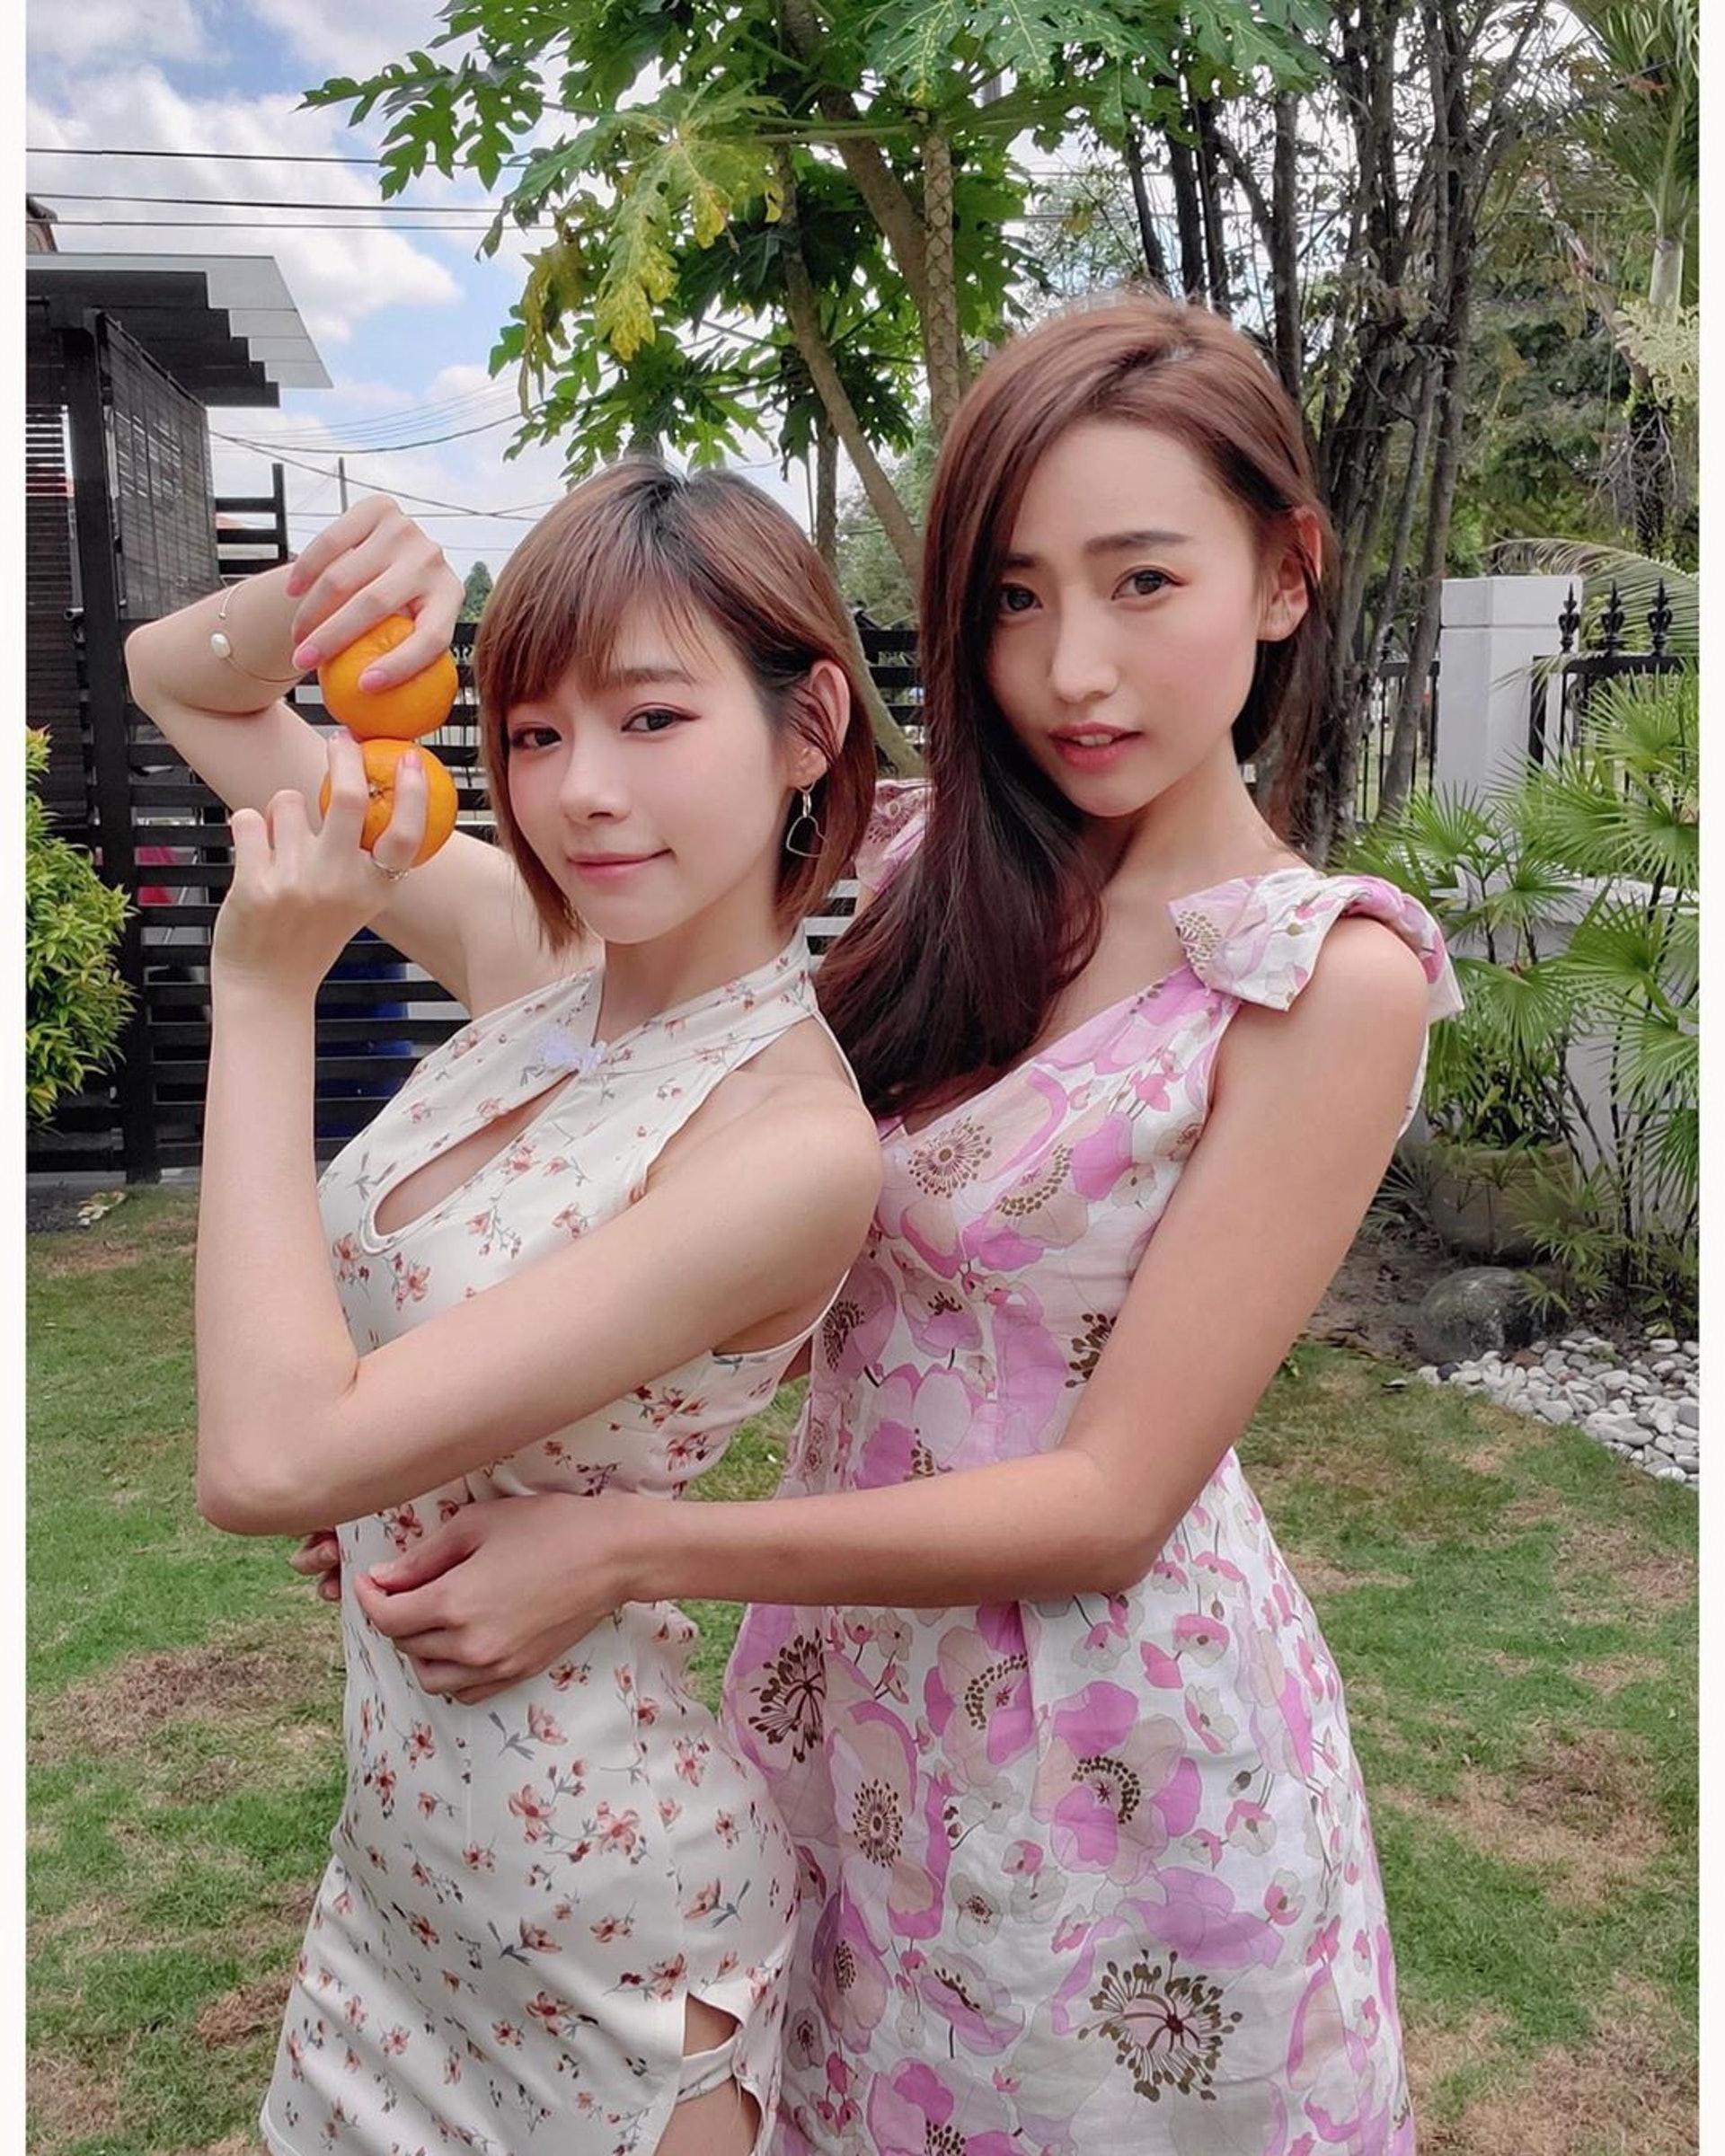 林詩枝日前亦有貼出與林明禎的旗袍照。(Instagram/@brandy333nat)